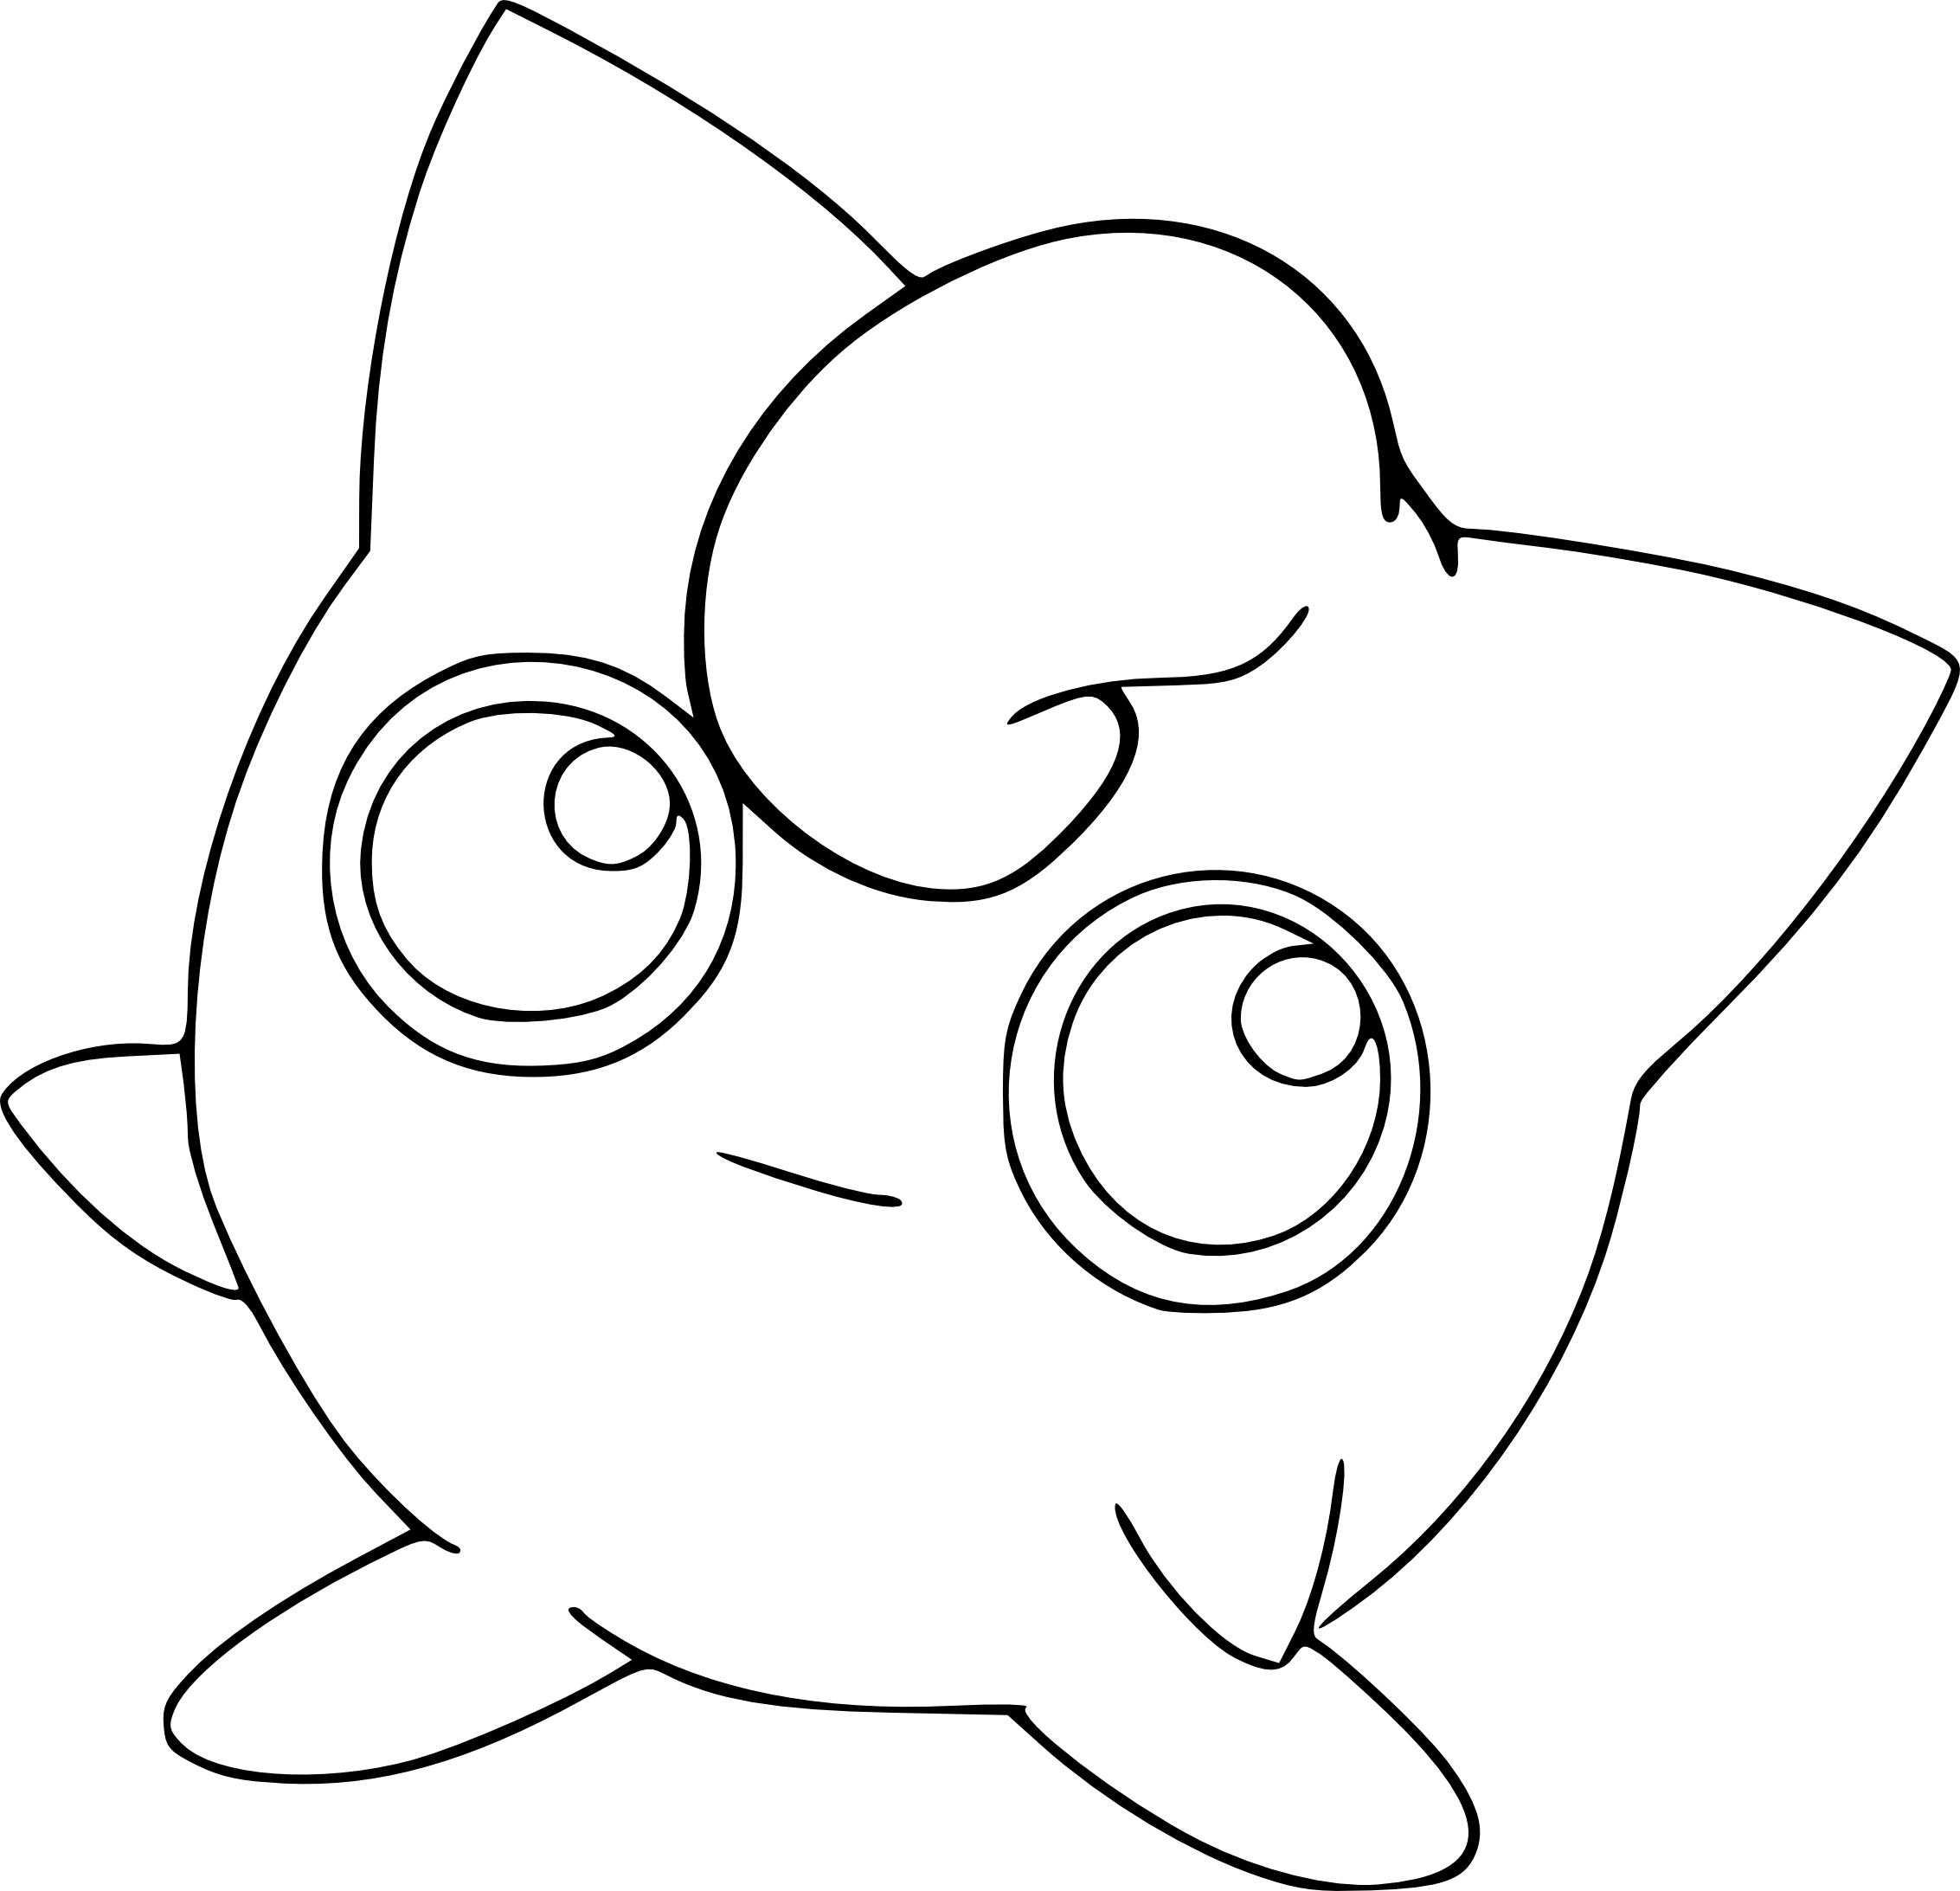 Coloriage Rondoudou Pokemon à imprimer